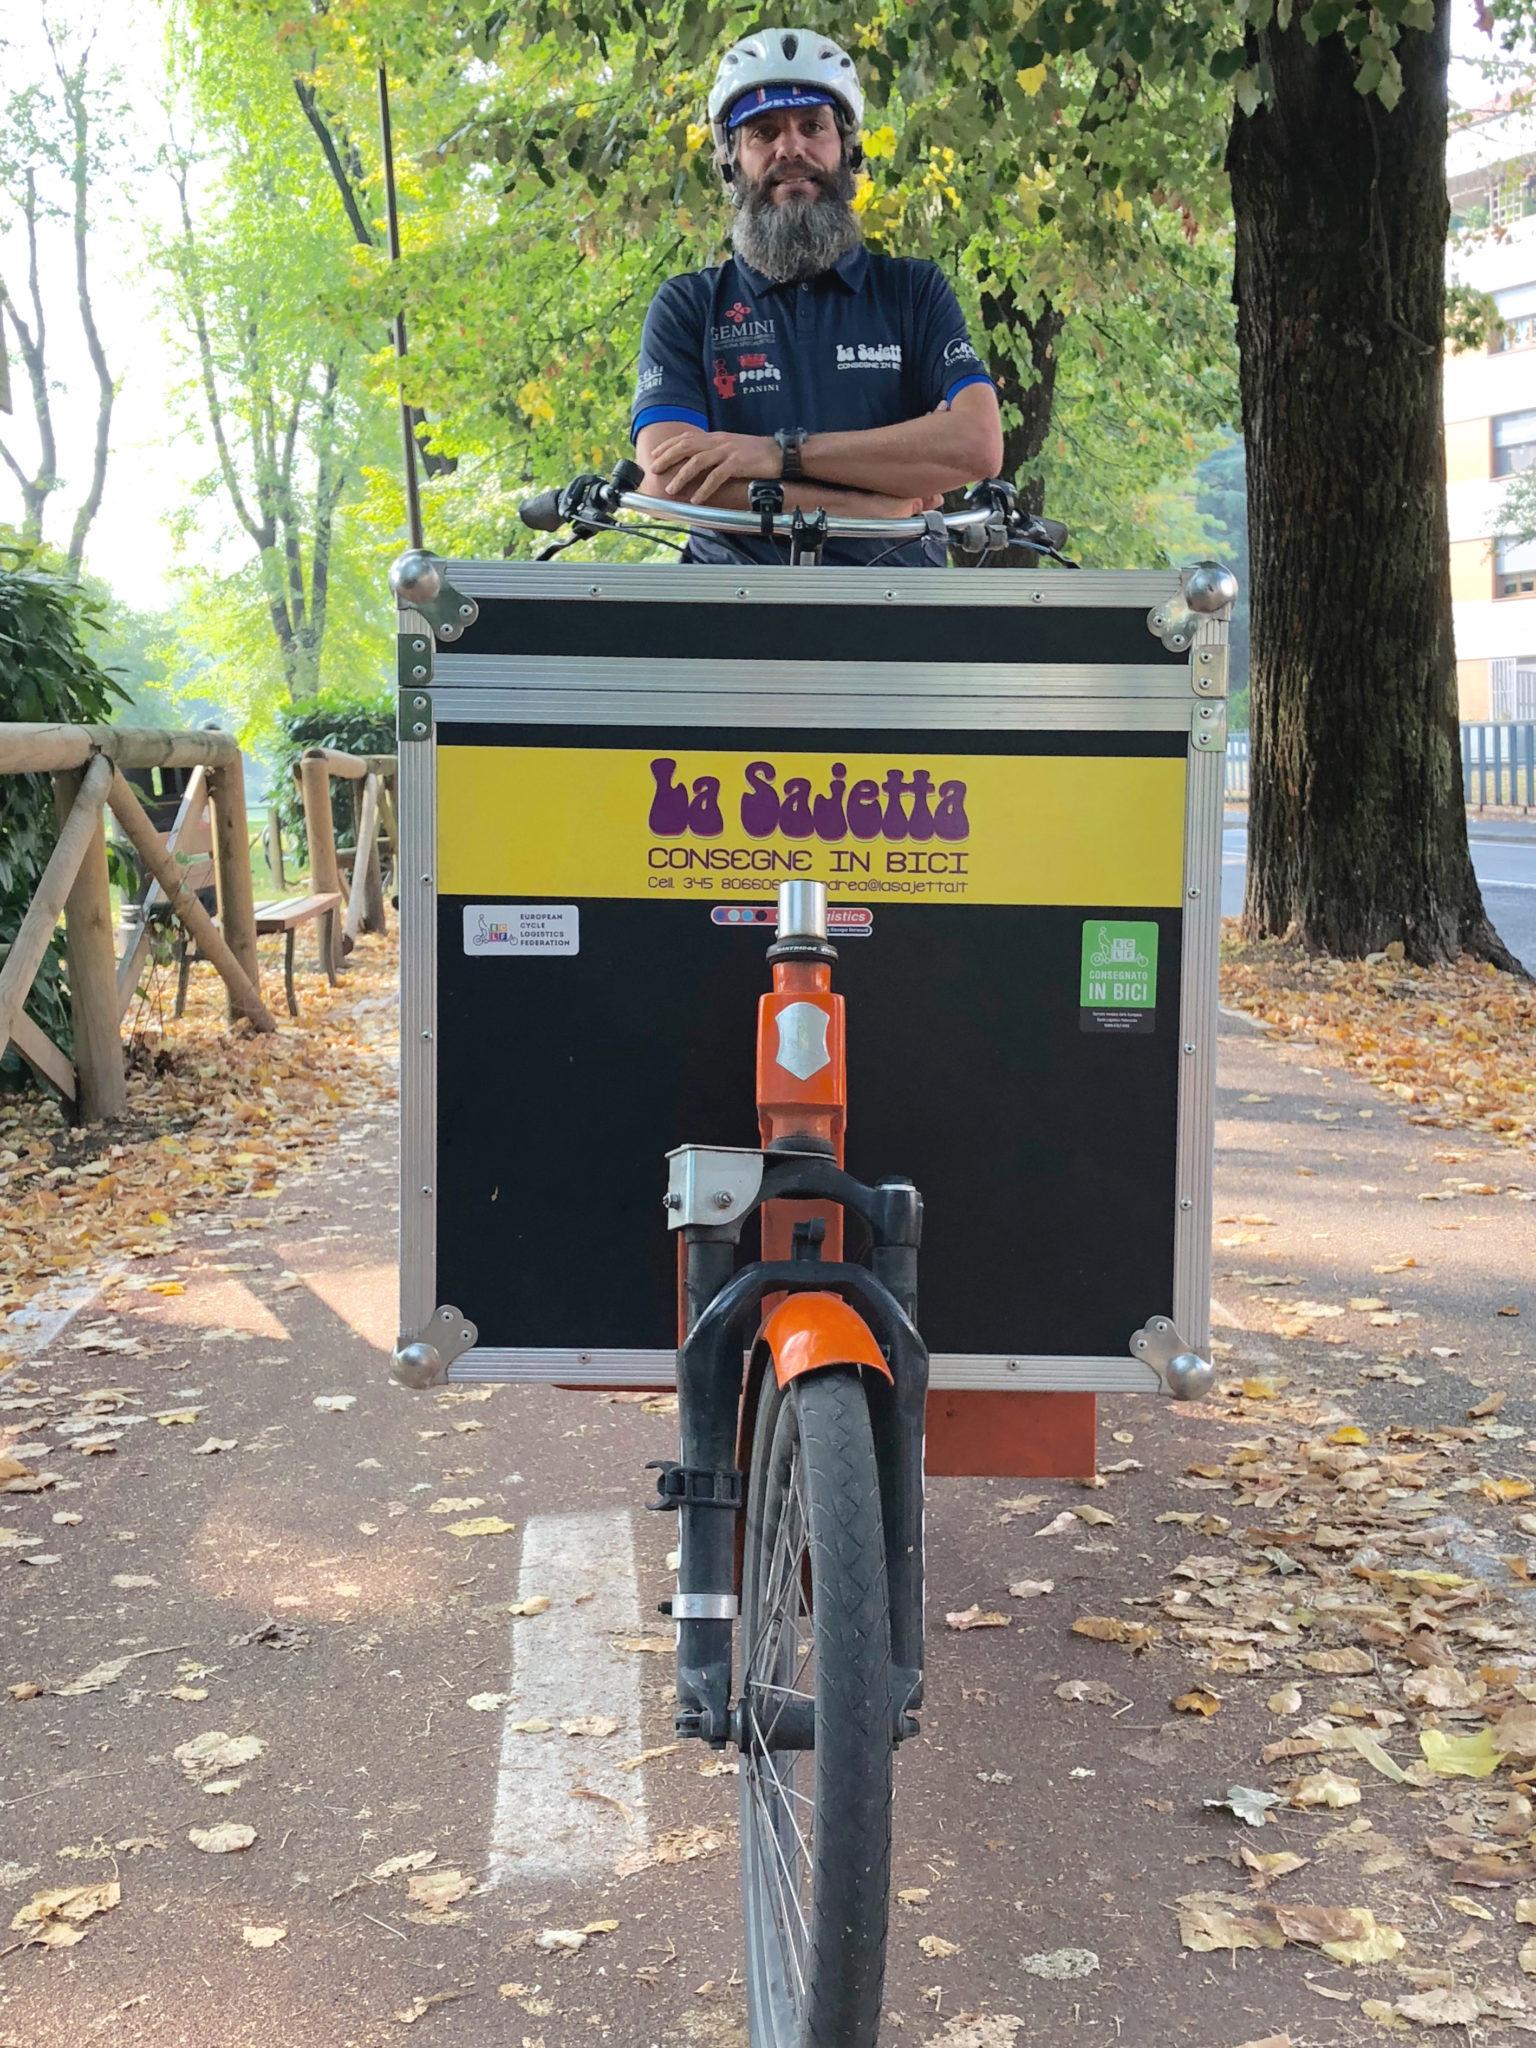 Una bicicletta da fornaio anni '20, oggi consegna prodotti bio. Andrea Saccon ci racconta Parma dal sellino della sua Sajetta